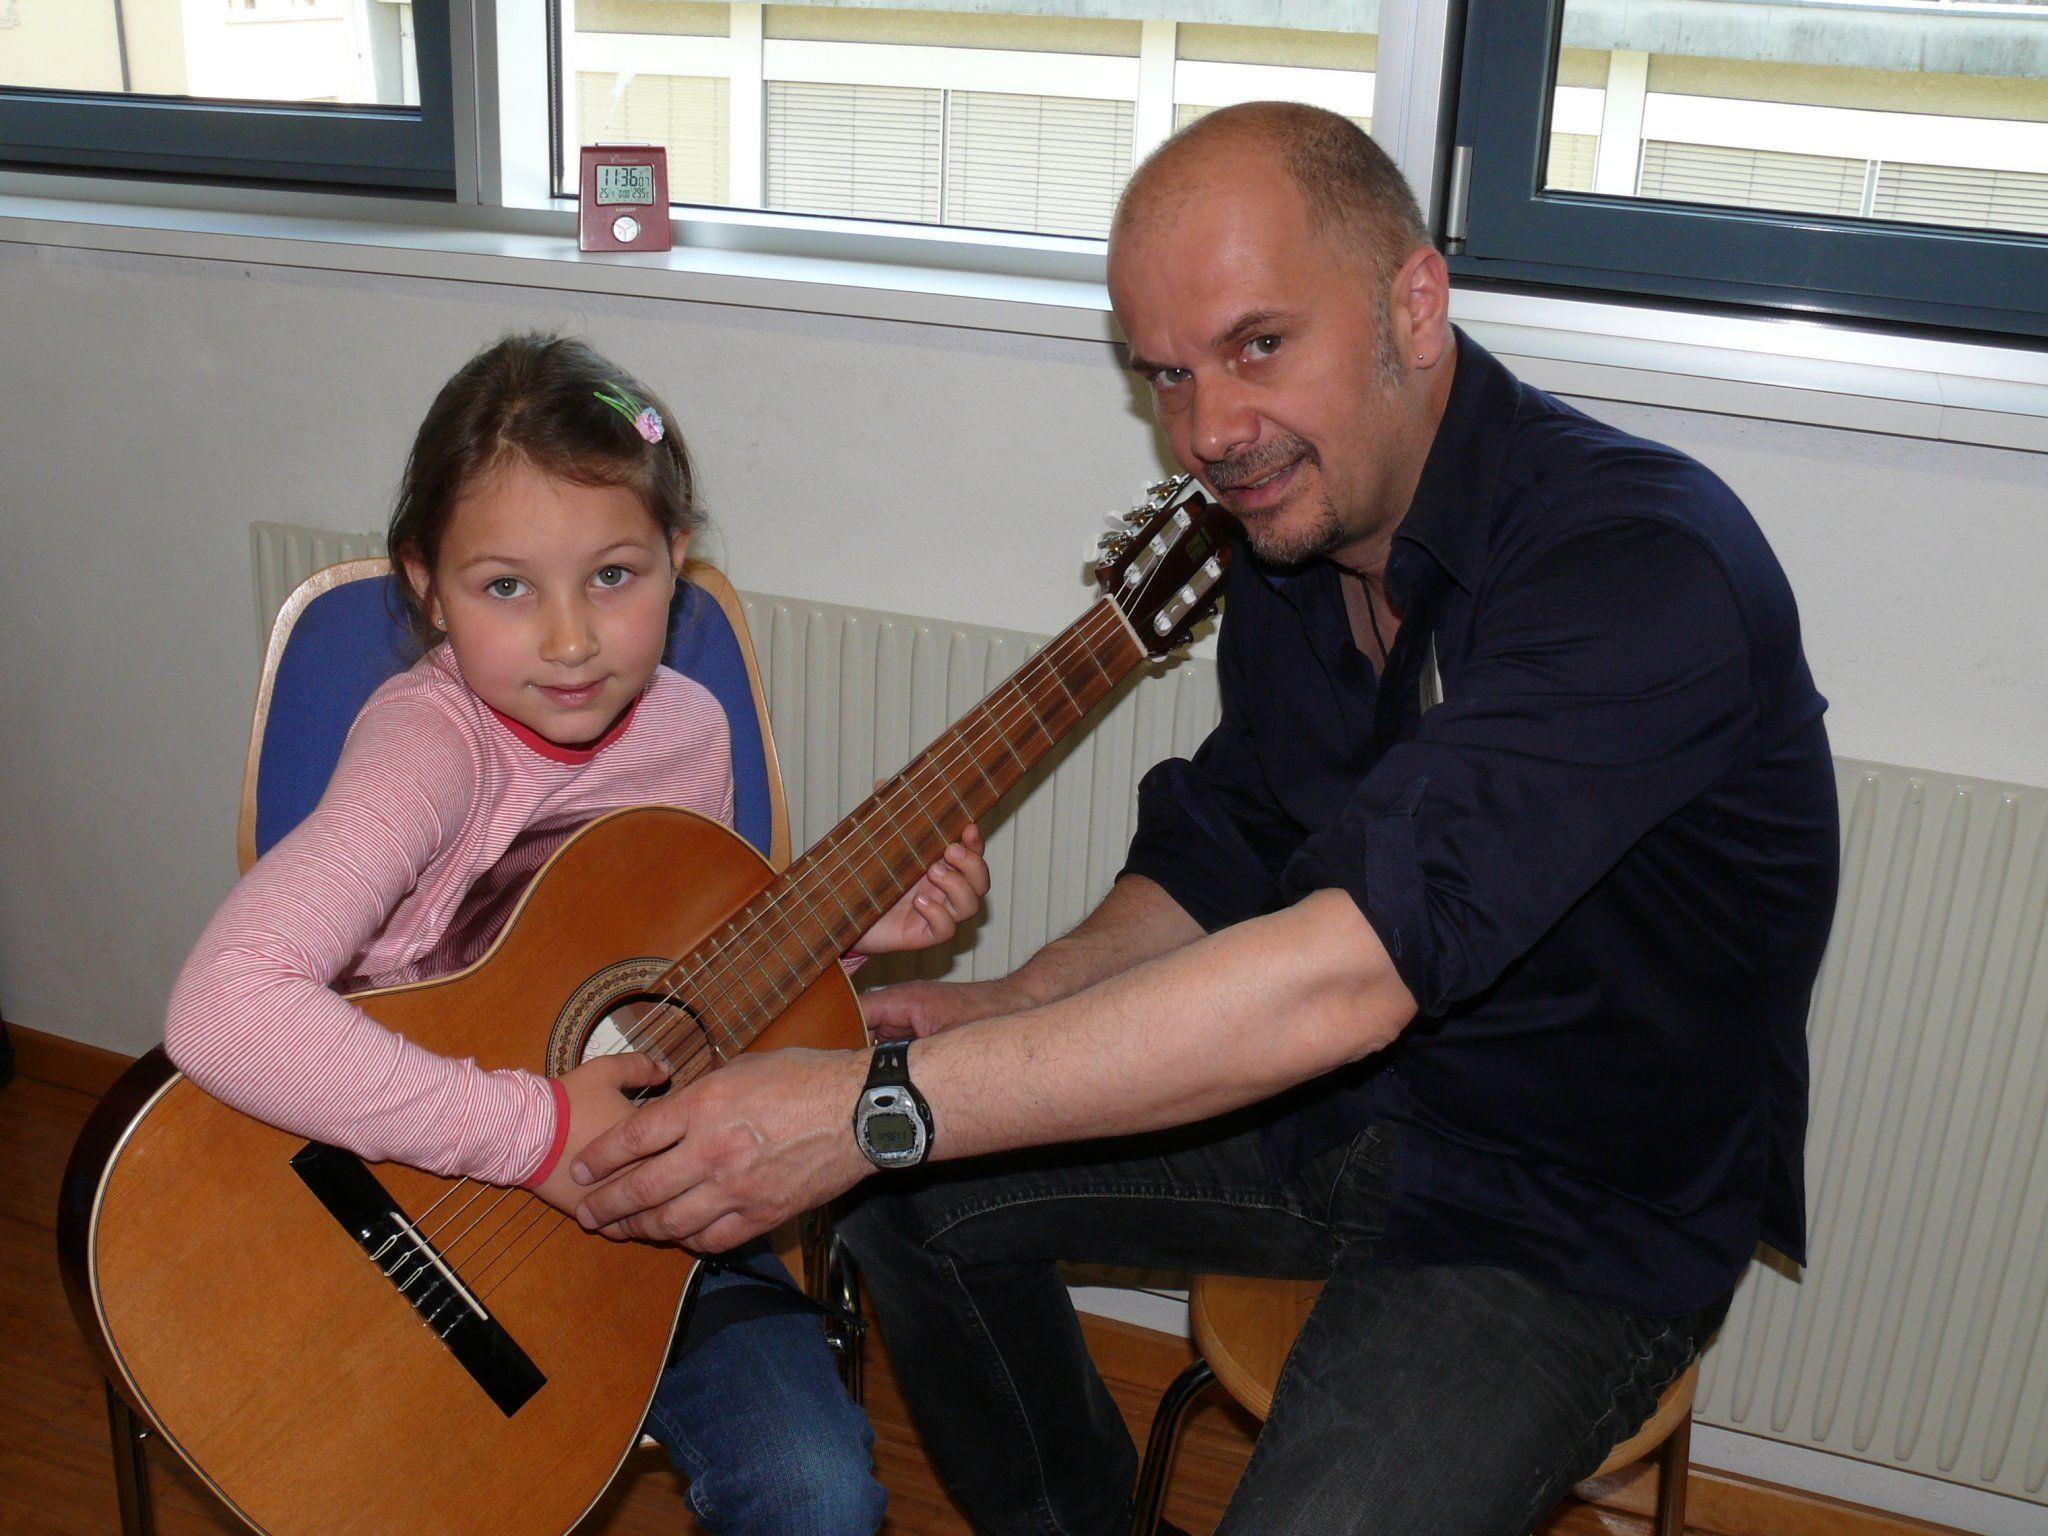 Instrumente und Lehrer kennen lernen - beim Tag der offenen Tür in der MSL.